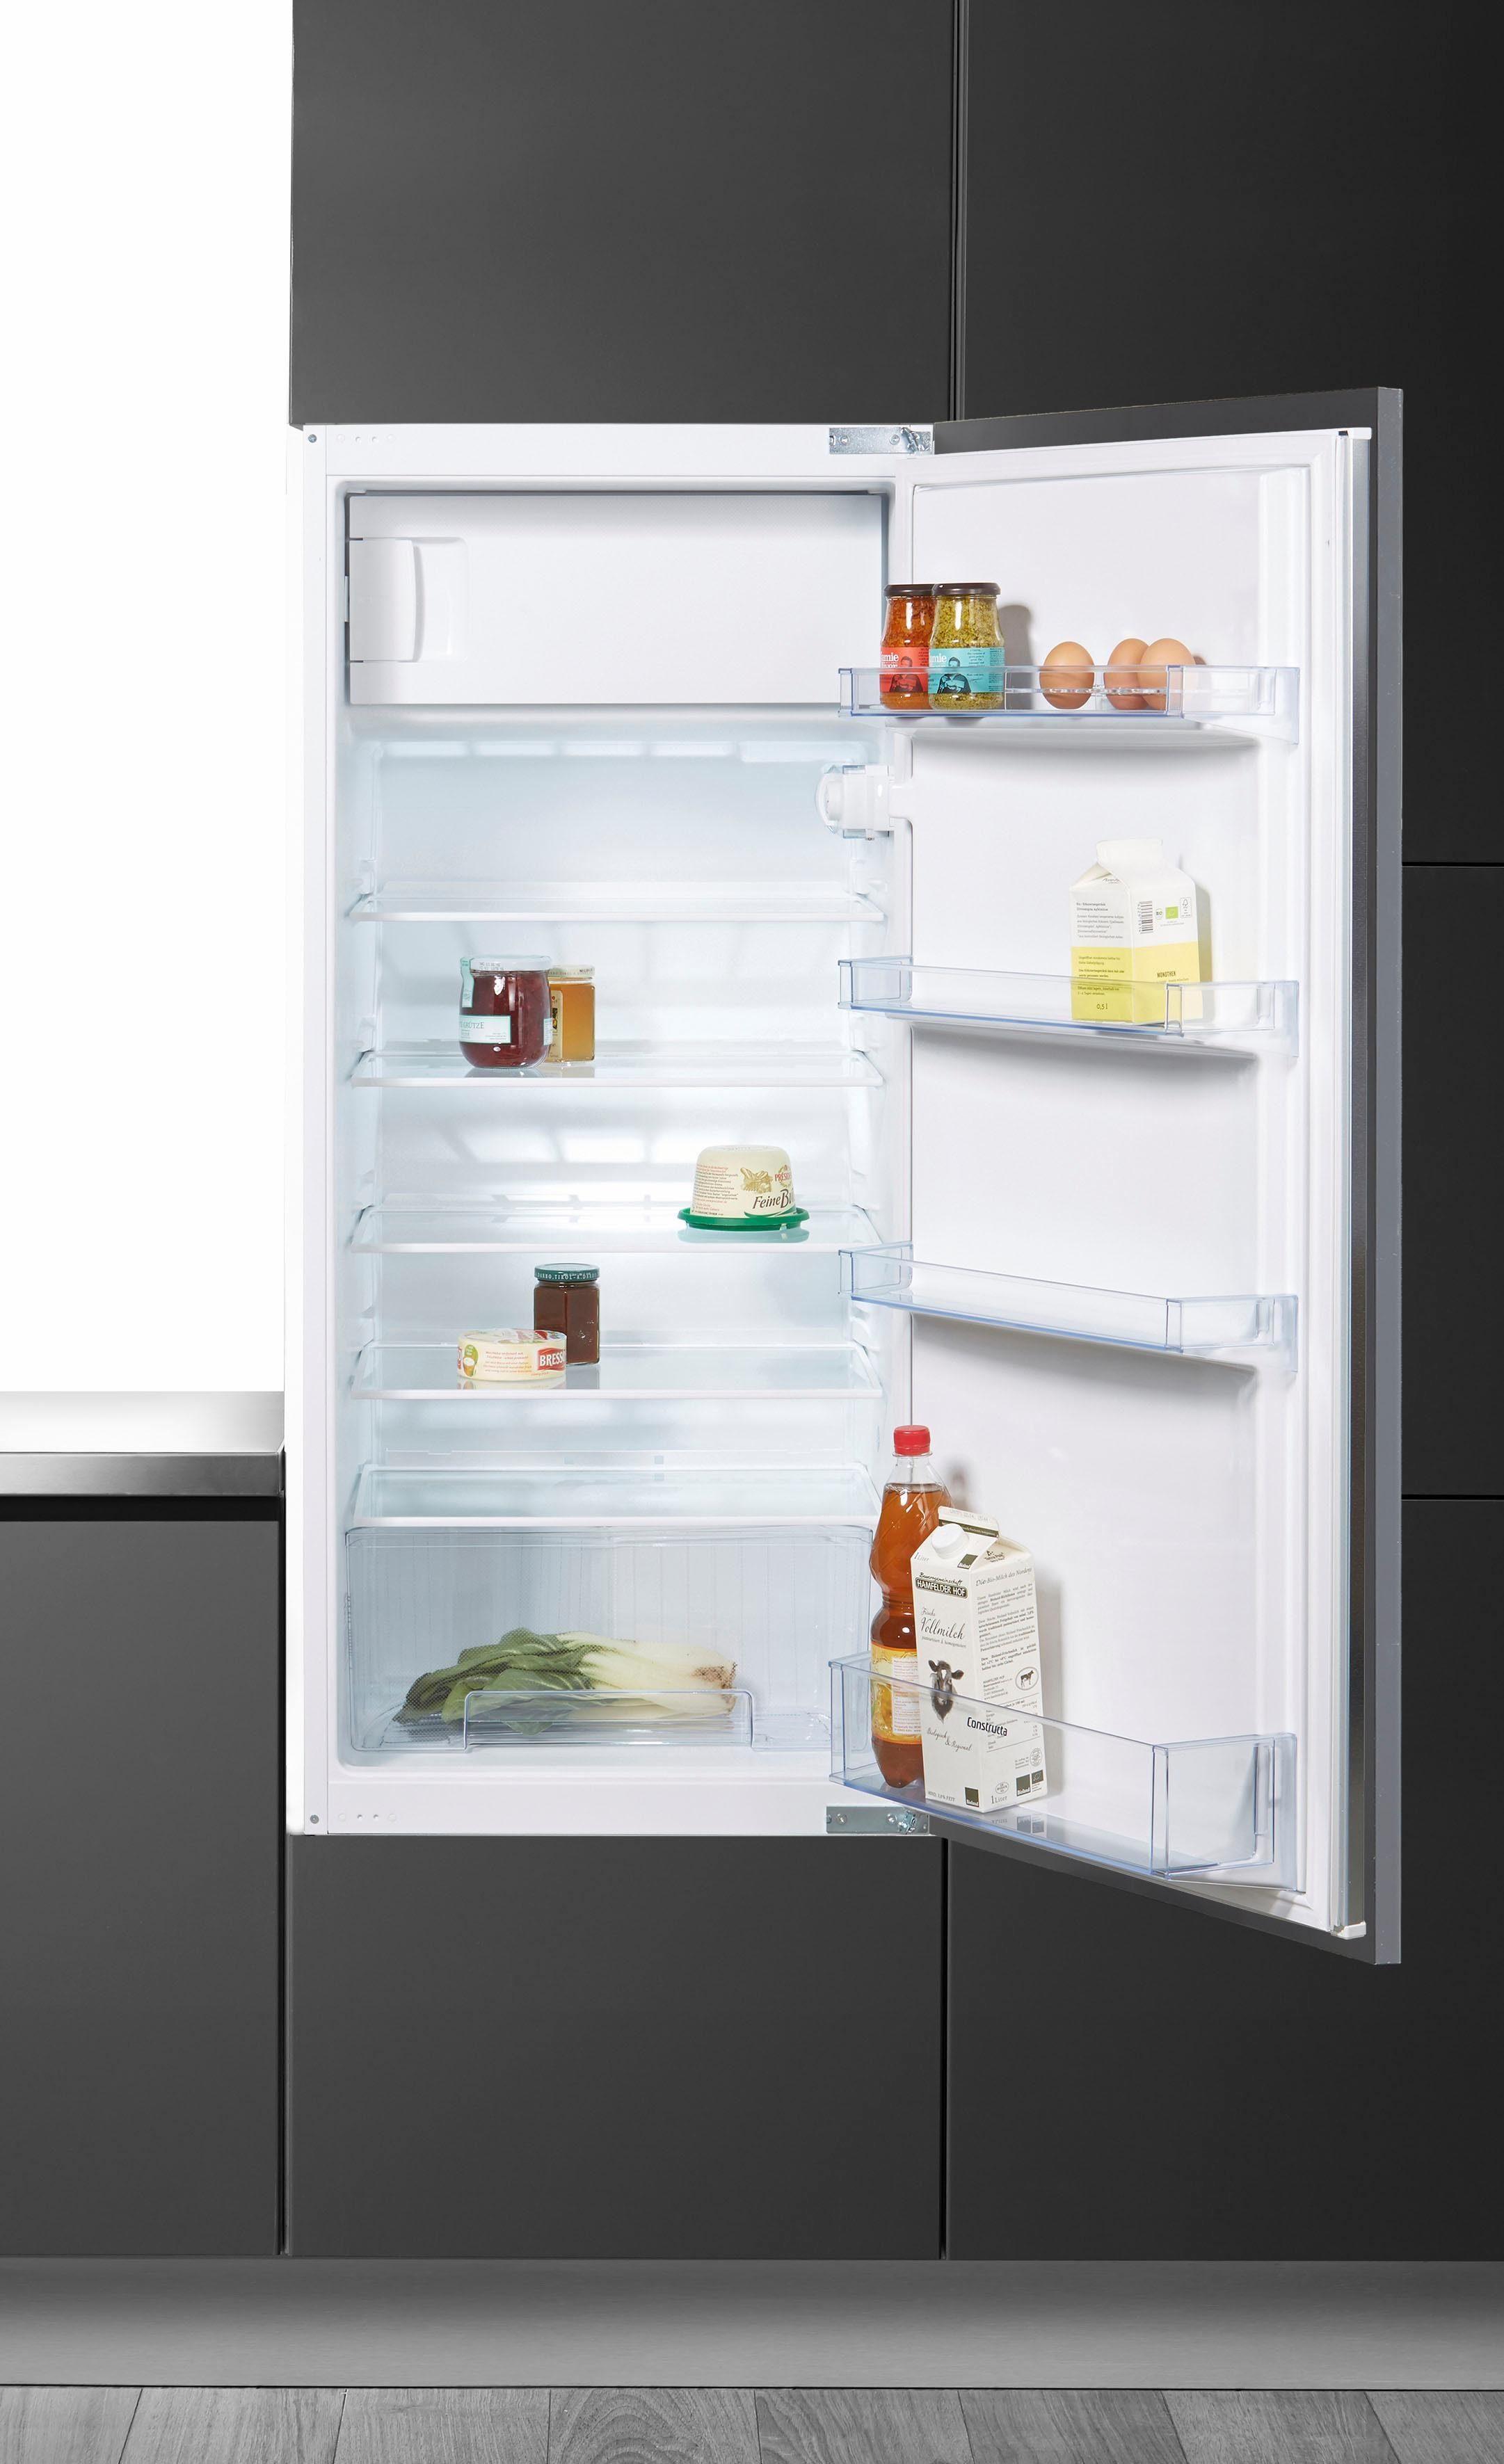 Constructa Integrierbarer Einbaukühlschrank CK64430, A++, 122,5 cm hoch